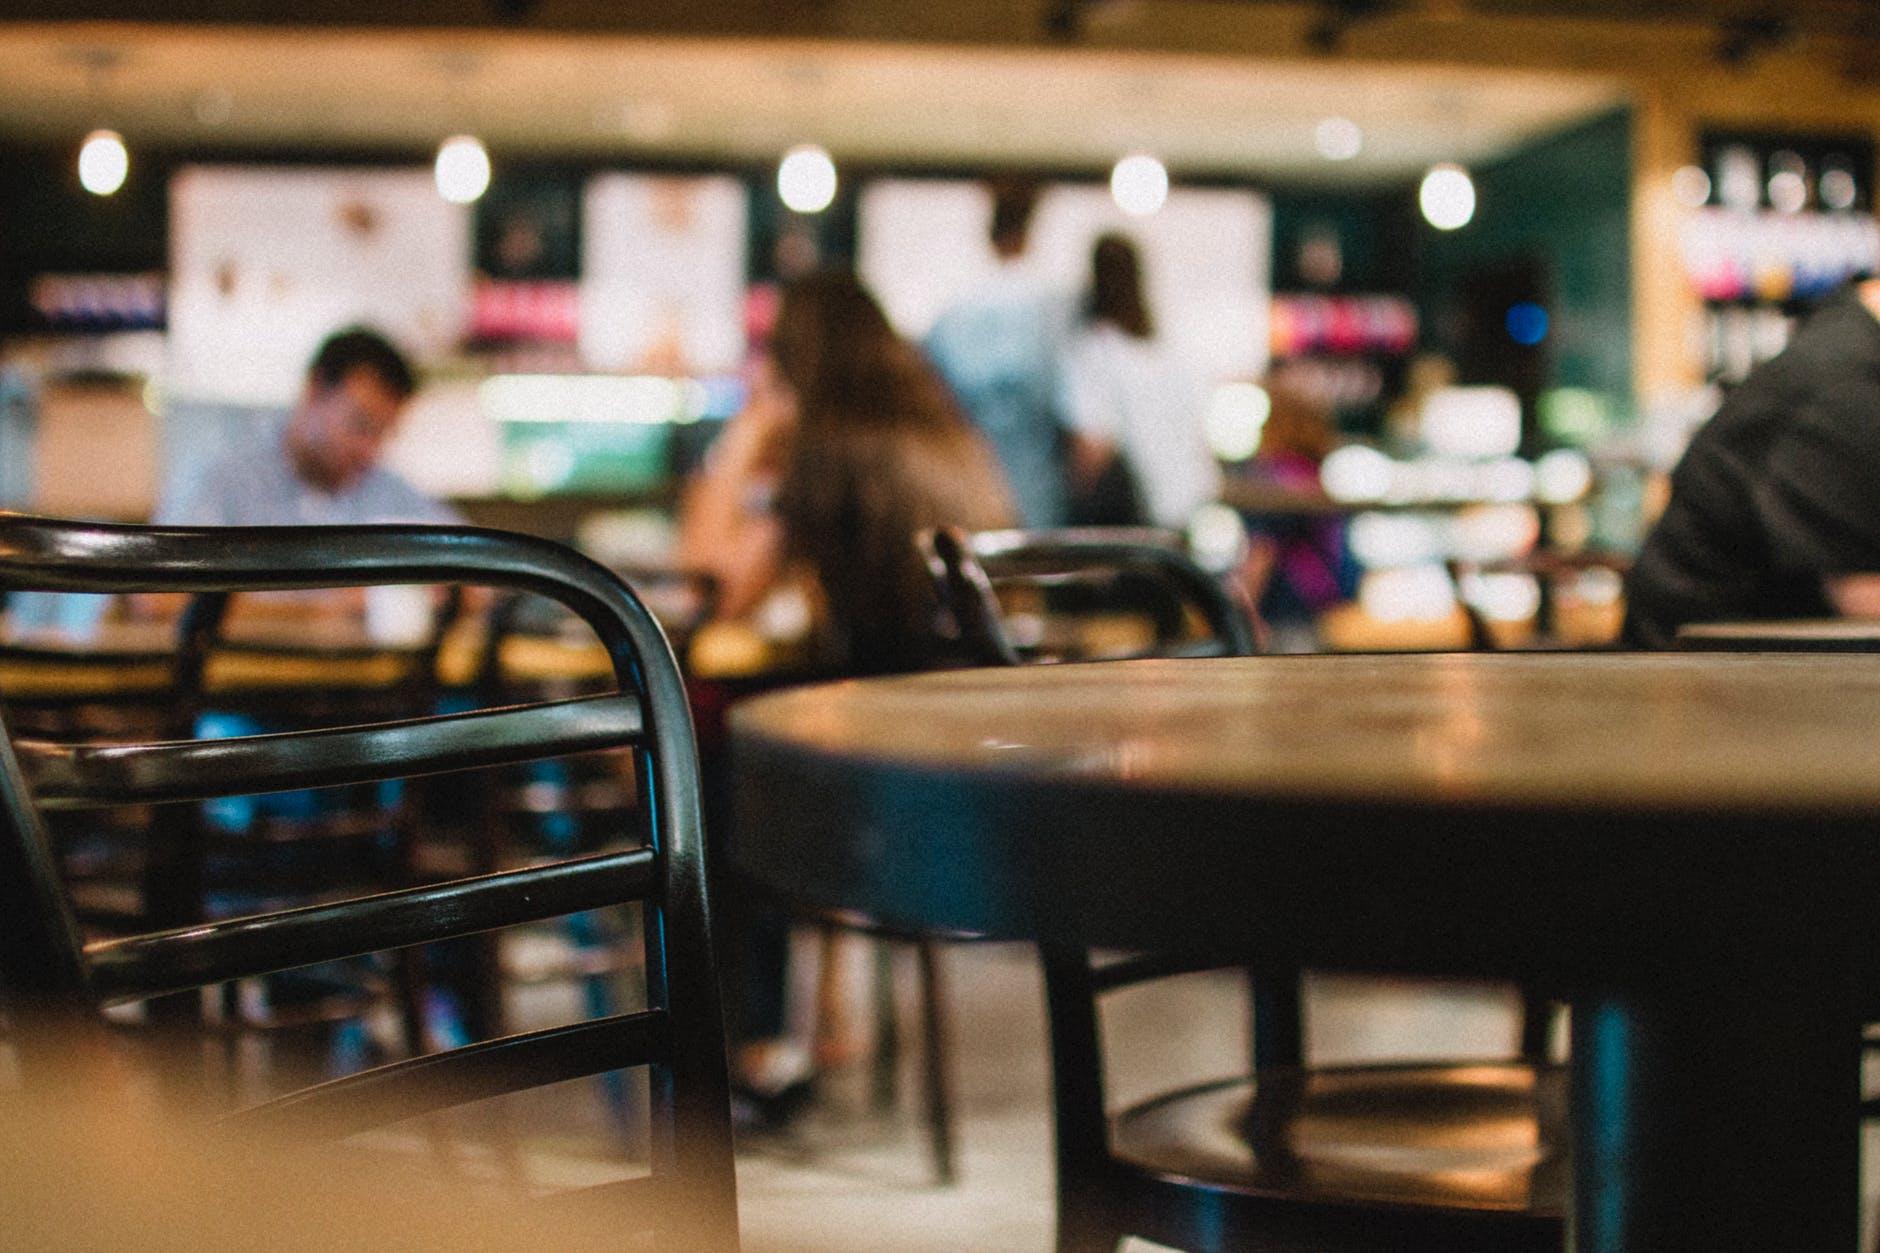 Nggak Harus di Kafe, Ini 5 Tempat Nongkrong yang Pas untuk Mahasiswa